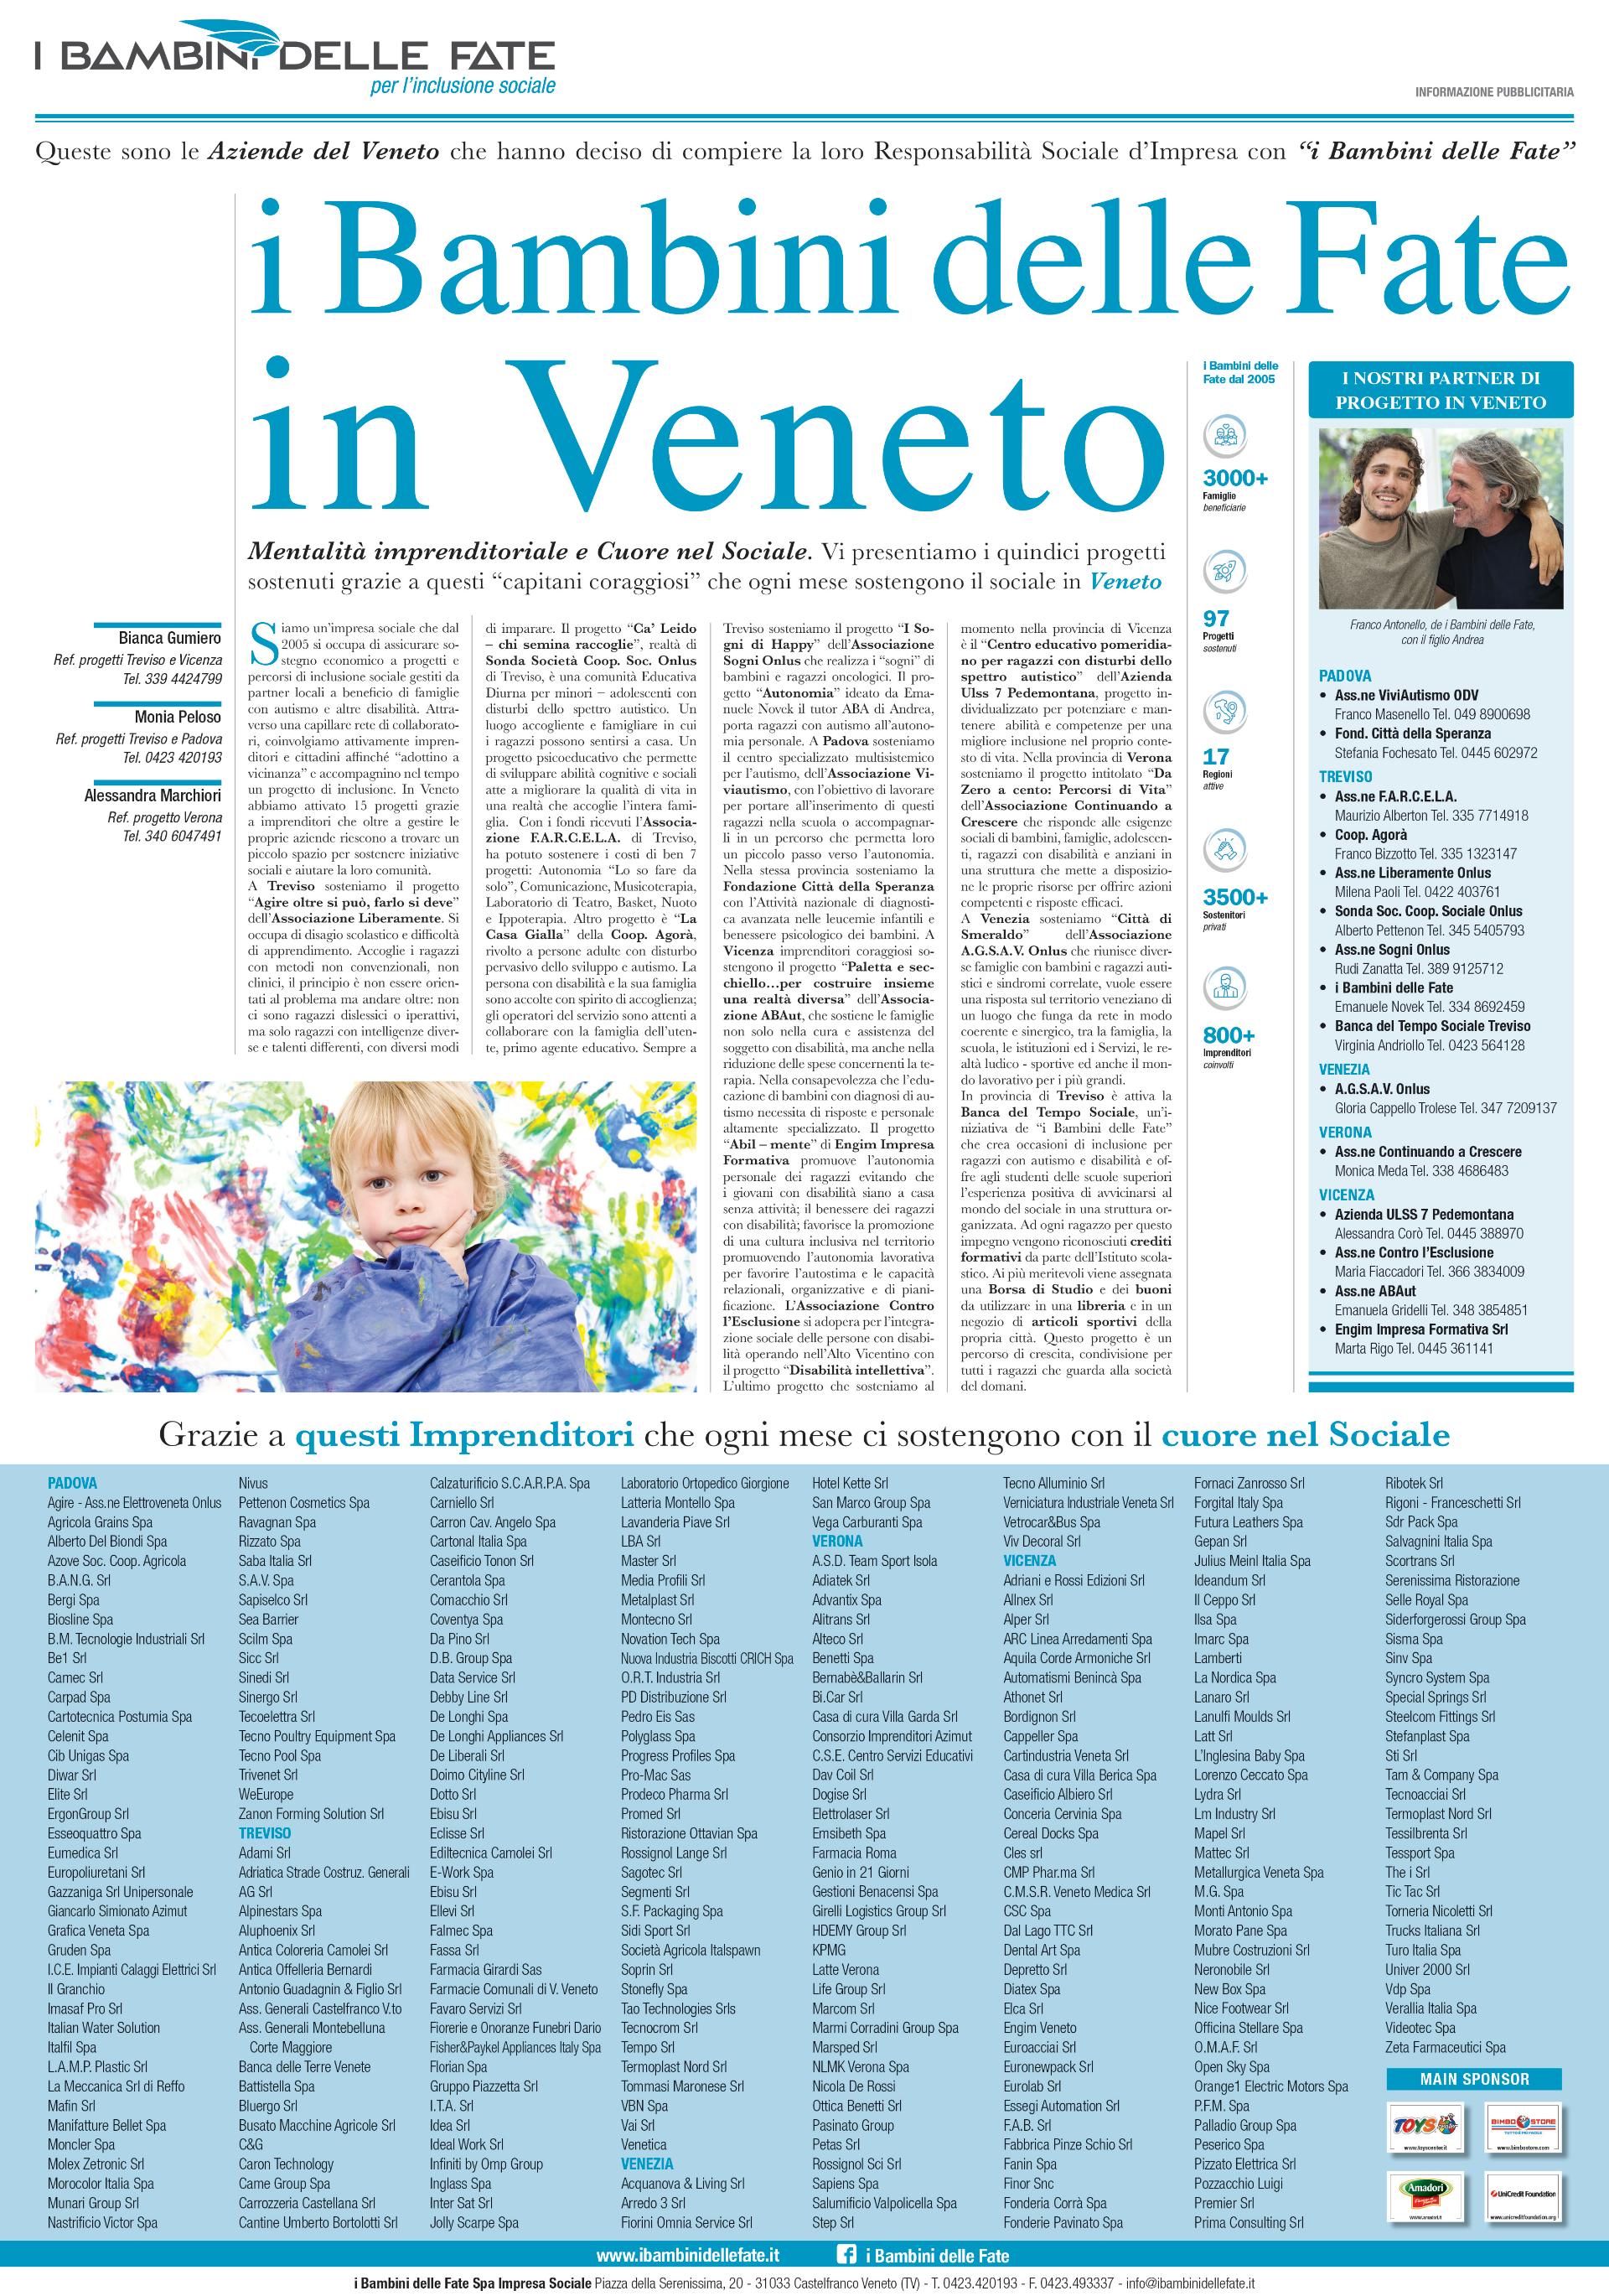 Press: Gazzettino del Veneto 25 maggio